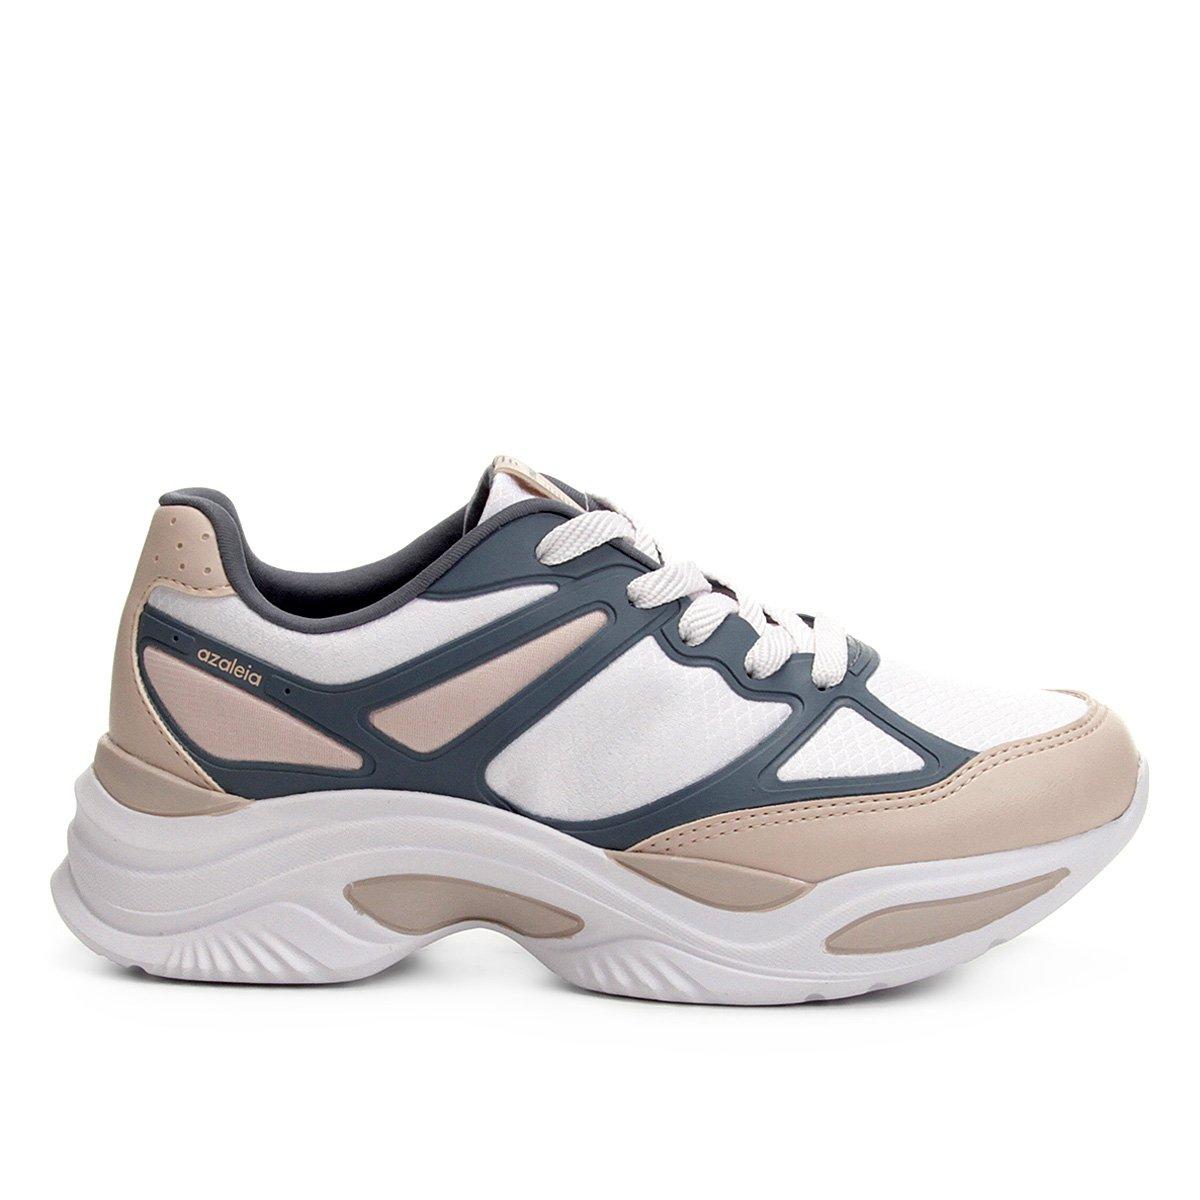 992e49549d5 Tênis Azaleia Chunky Sneaker Feminino - Rosa e Cinza - Compre Agora ...